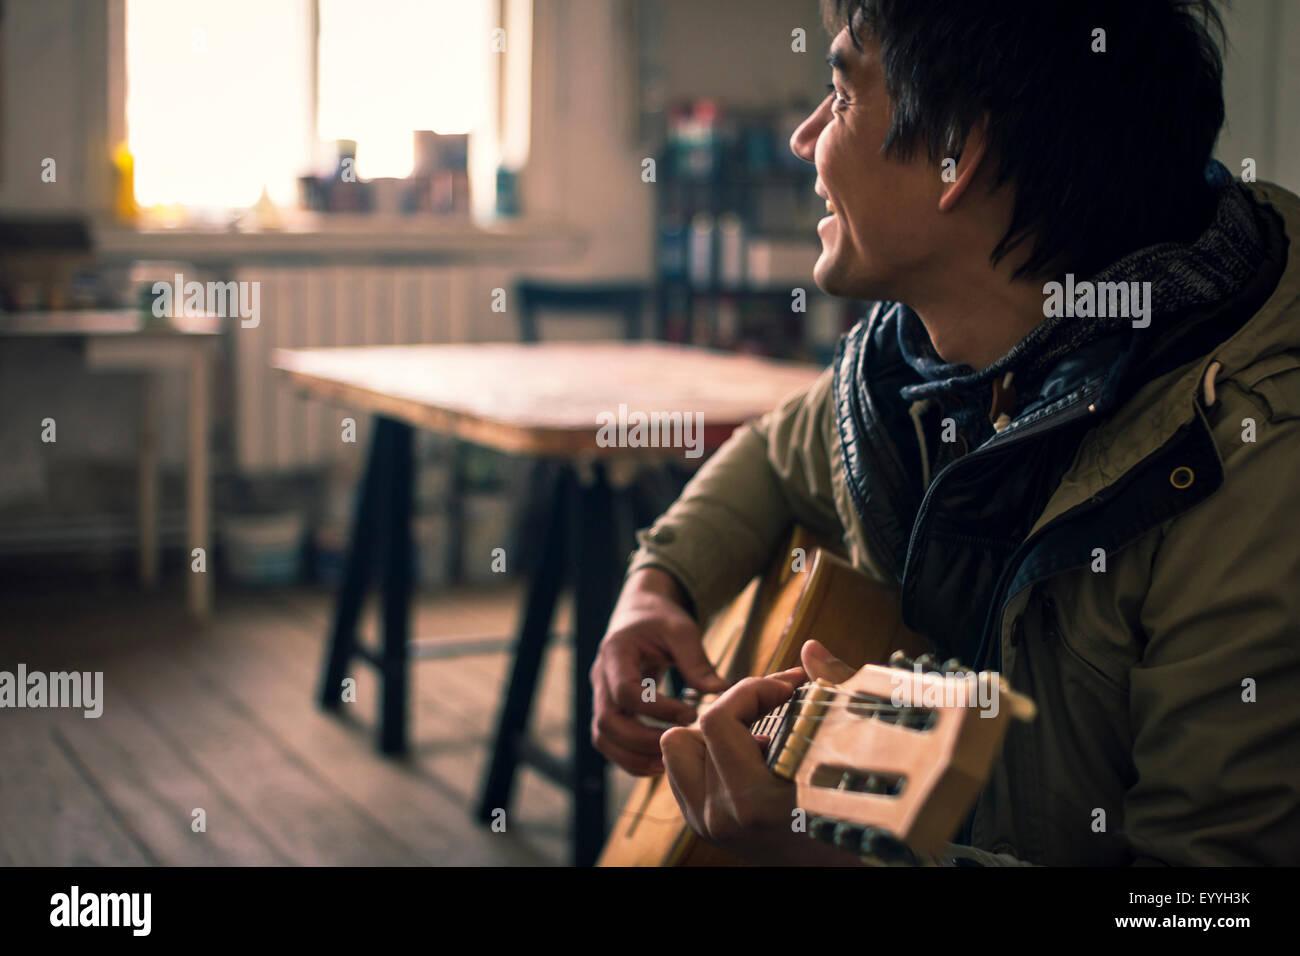 Uomo asiatico a suonare la chitarra in ambienti interni Foto Stock